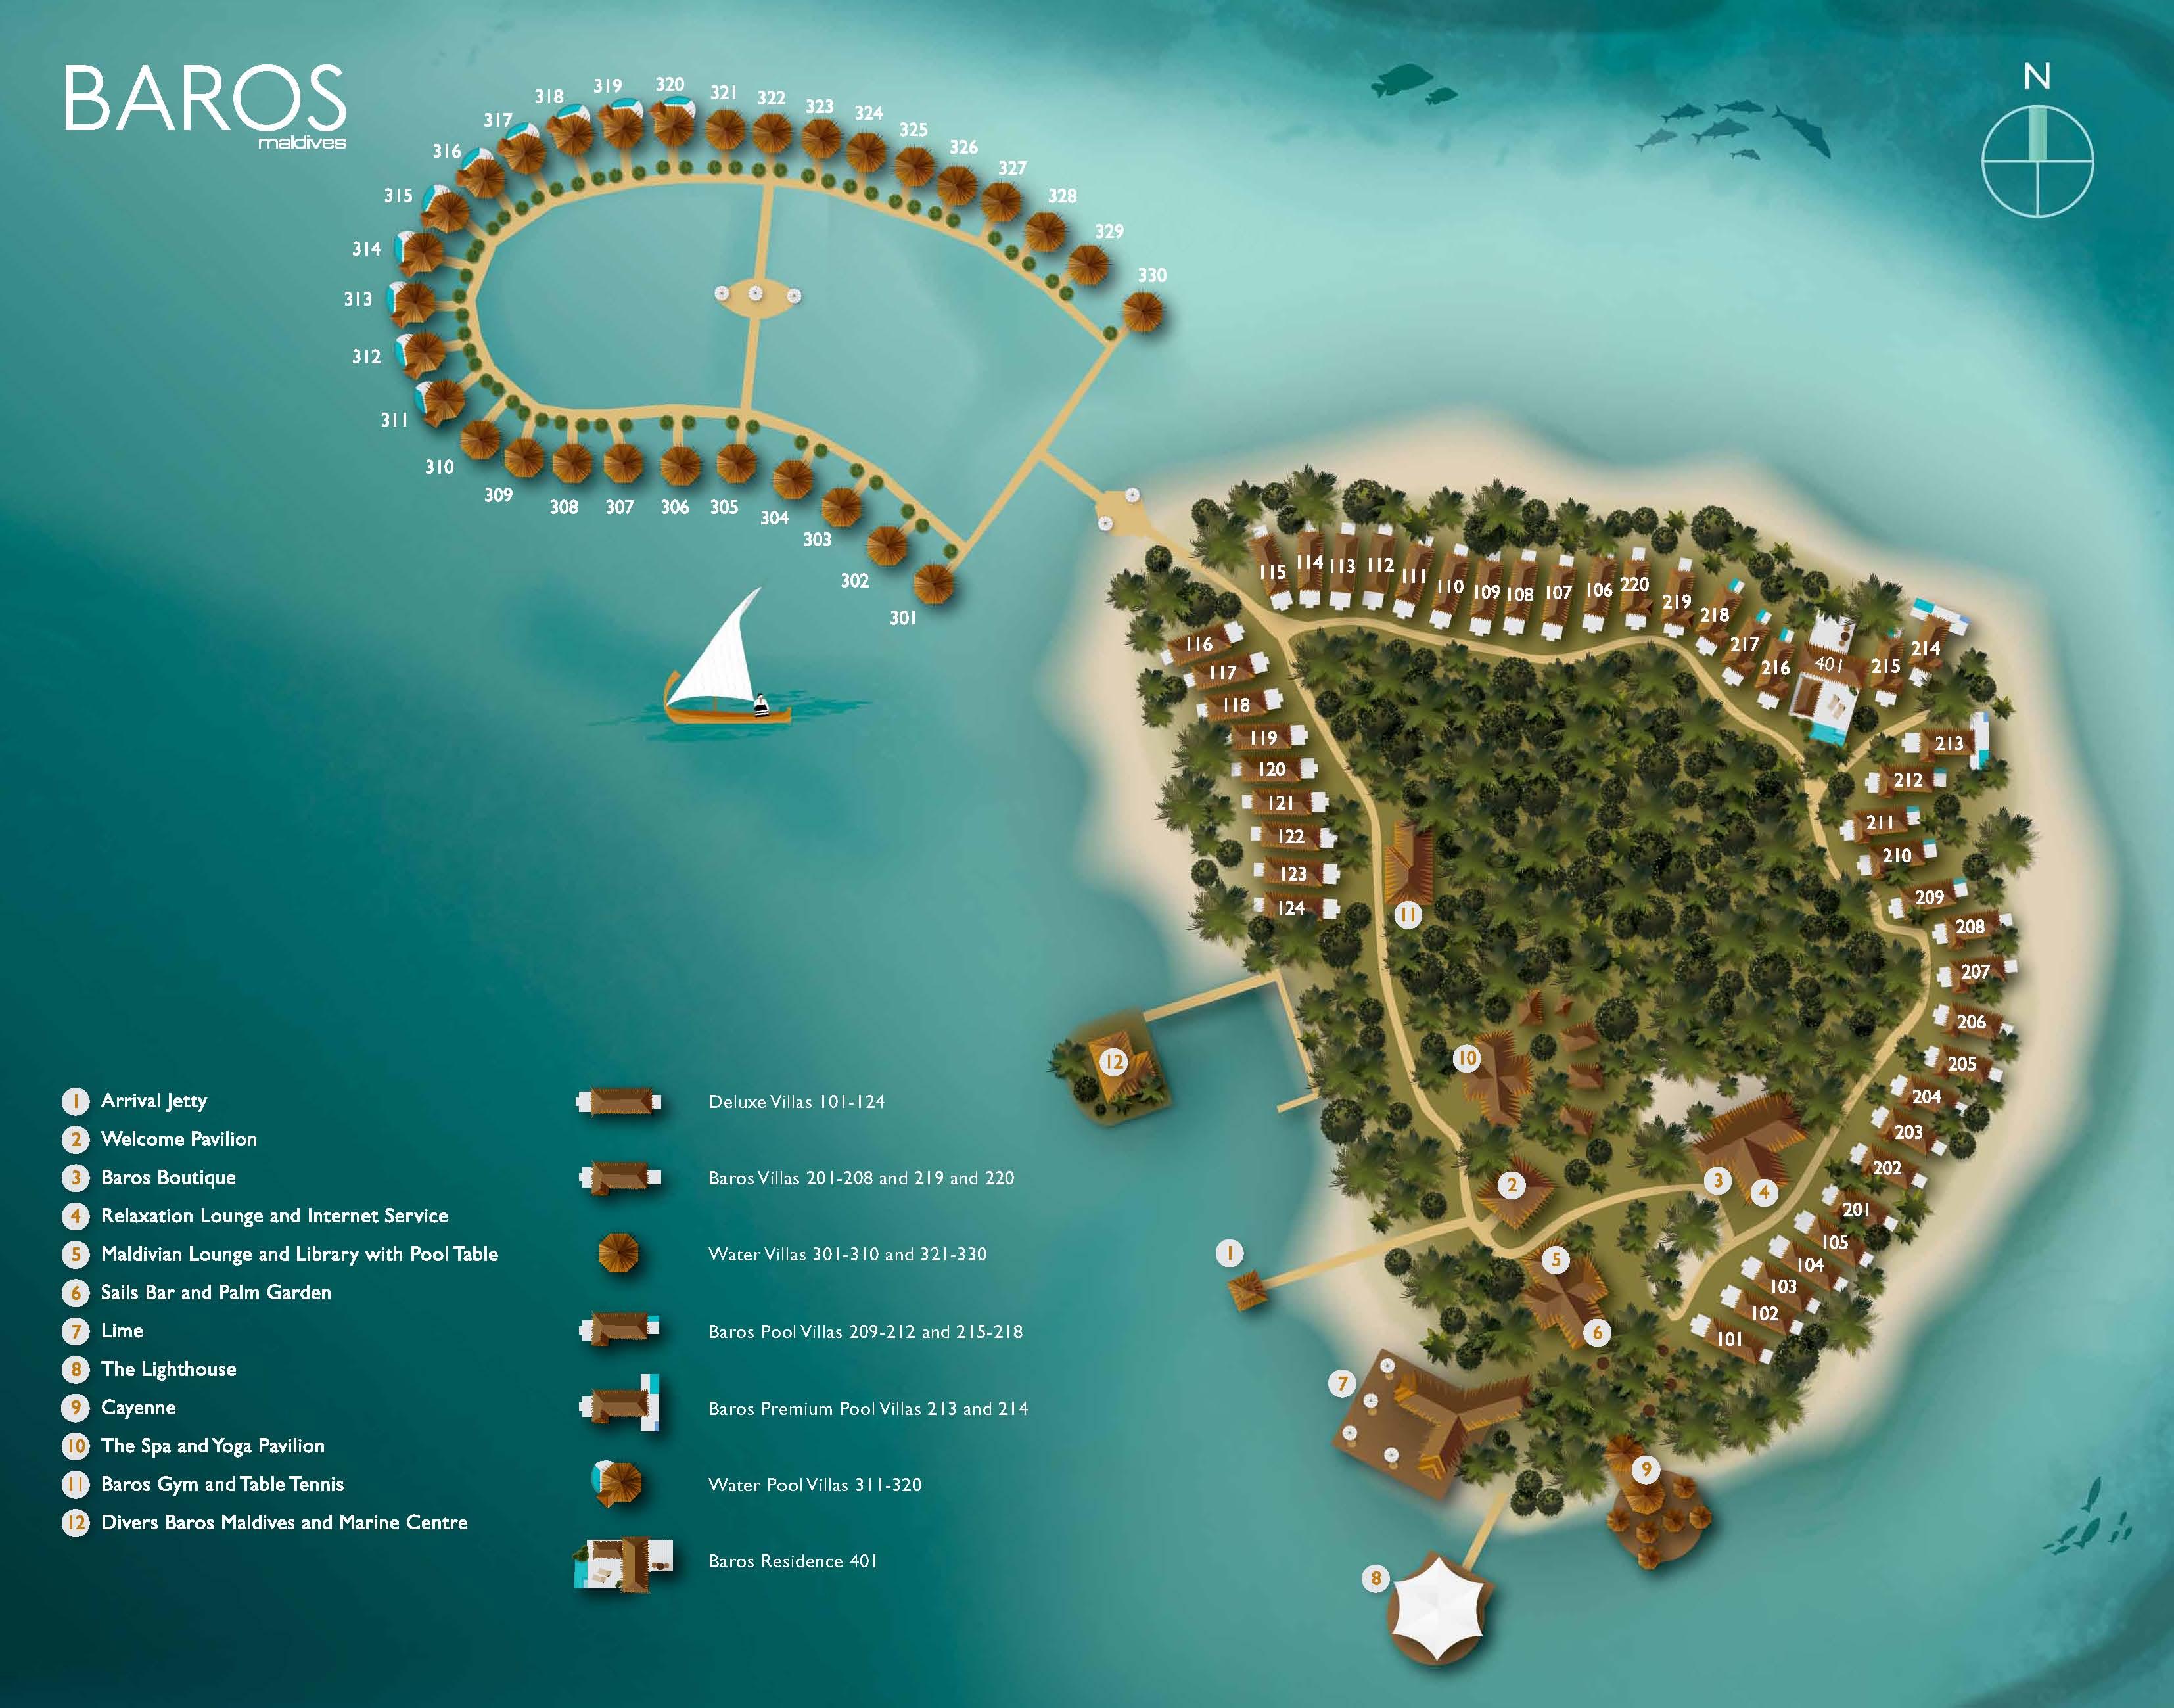 马尔代夫 巴洛斯岛 Baros 平面地图查看